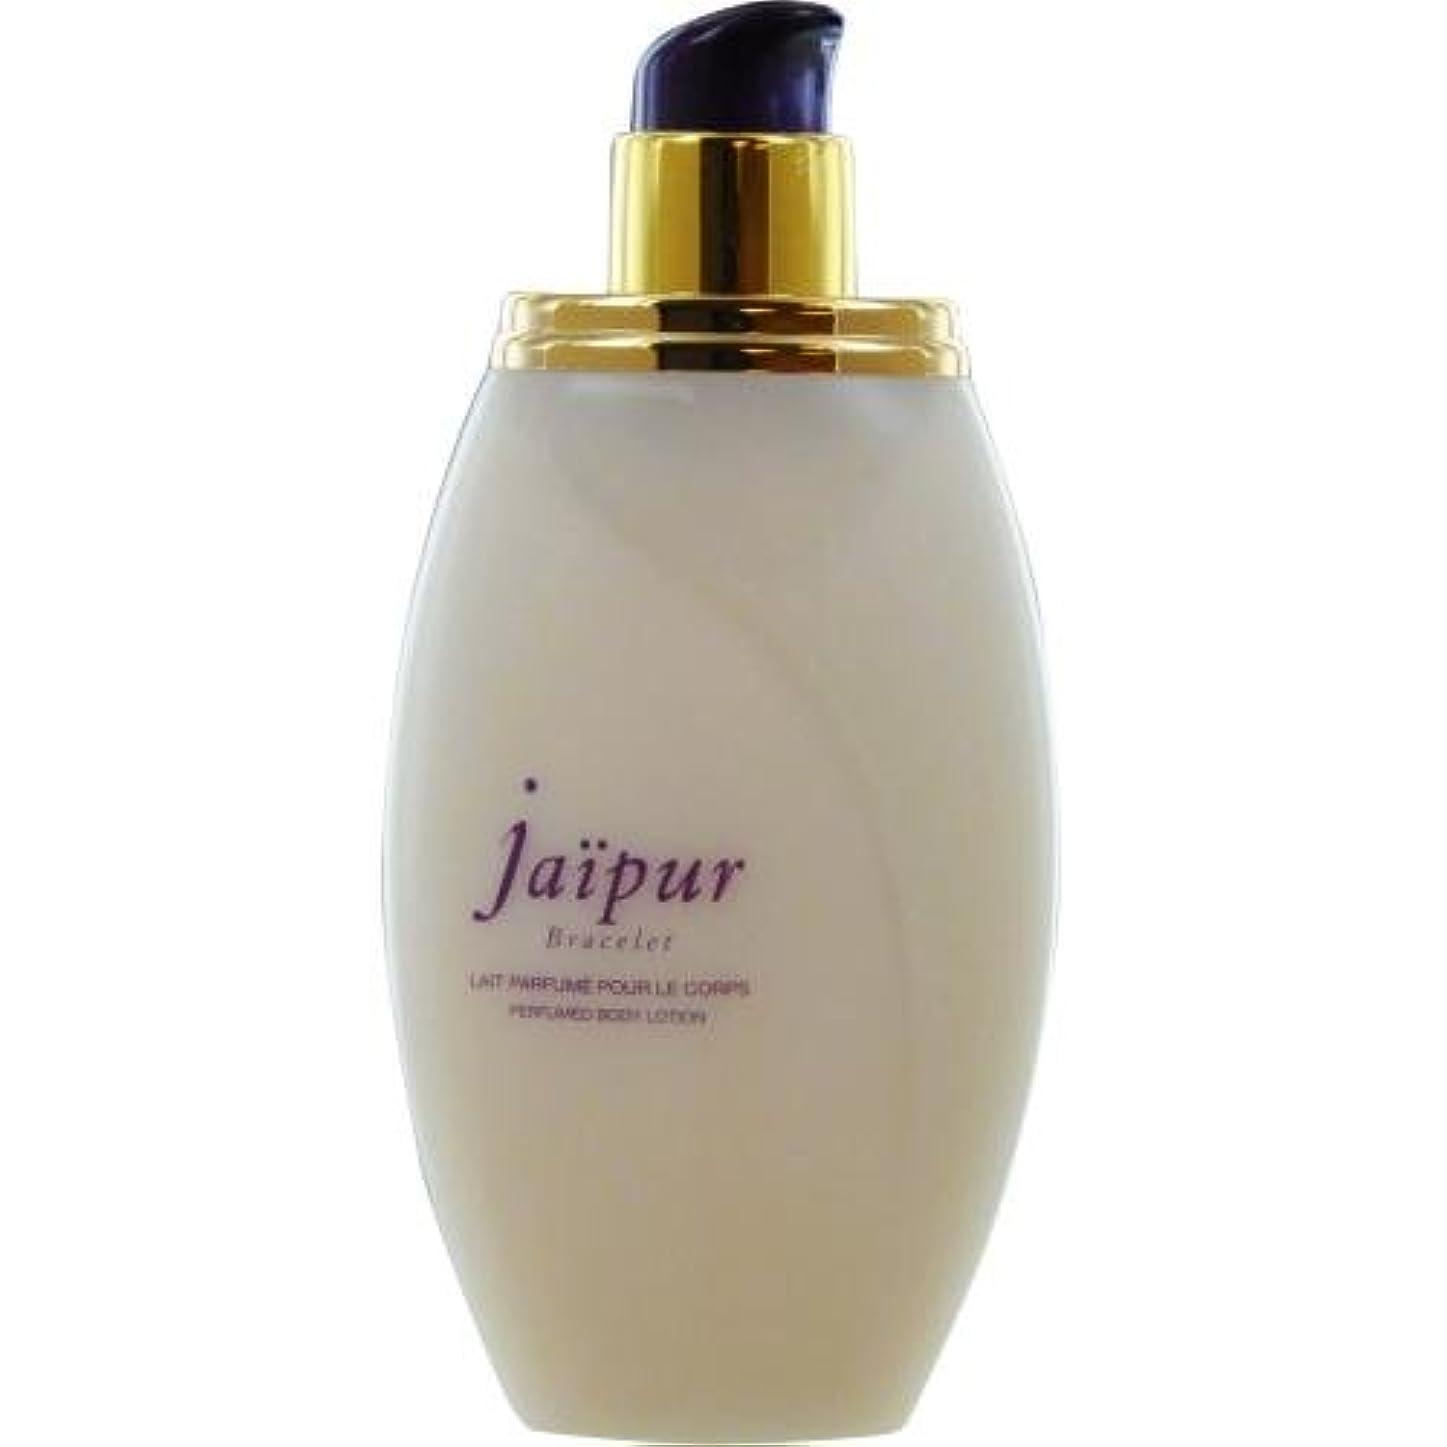 老人限りなく人類Jaipur Bracelet Perfumed Body Lotion